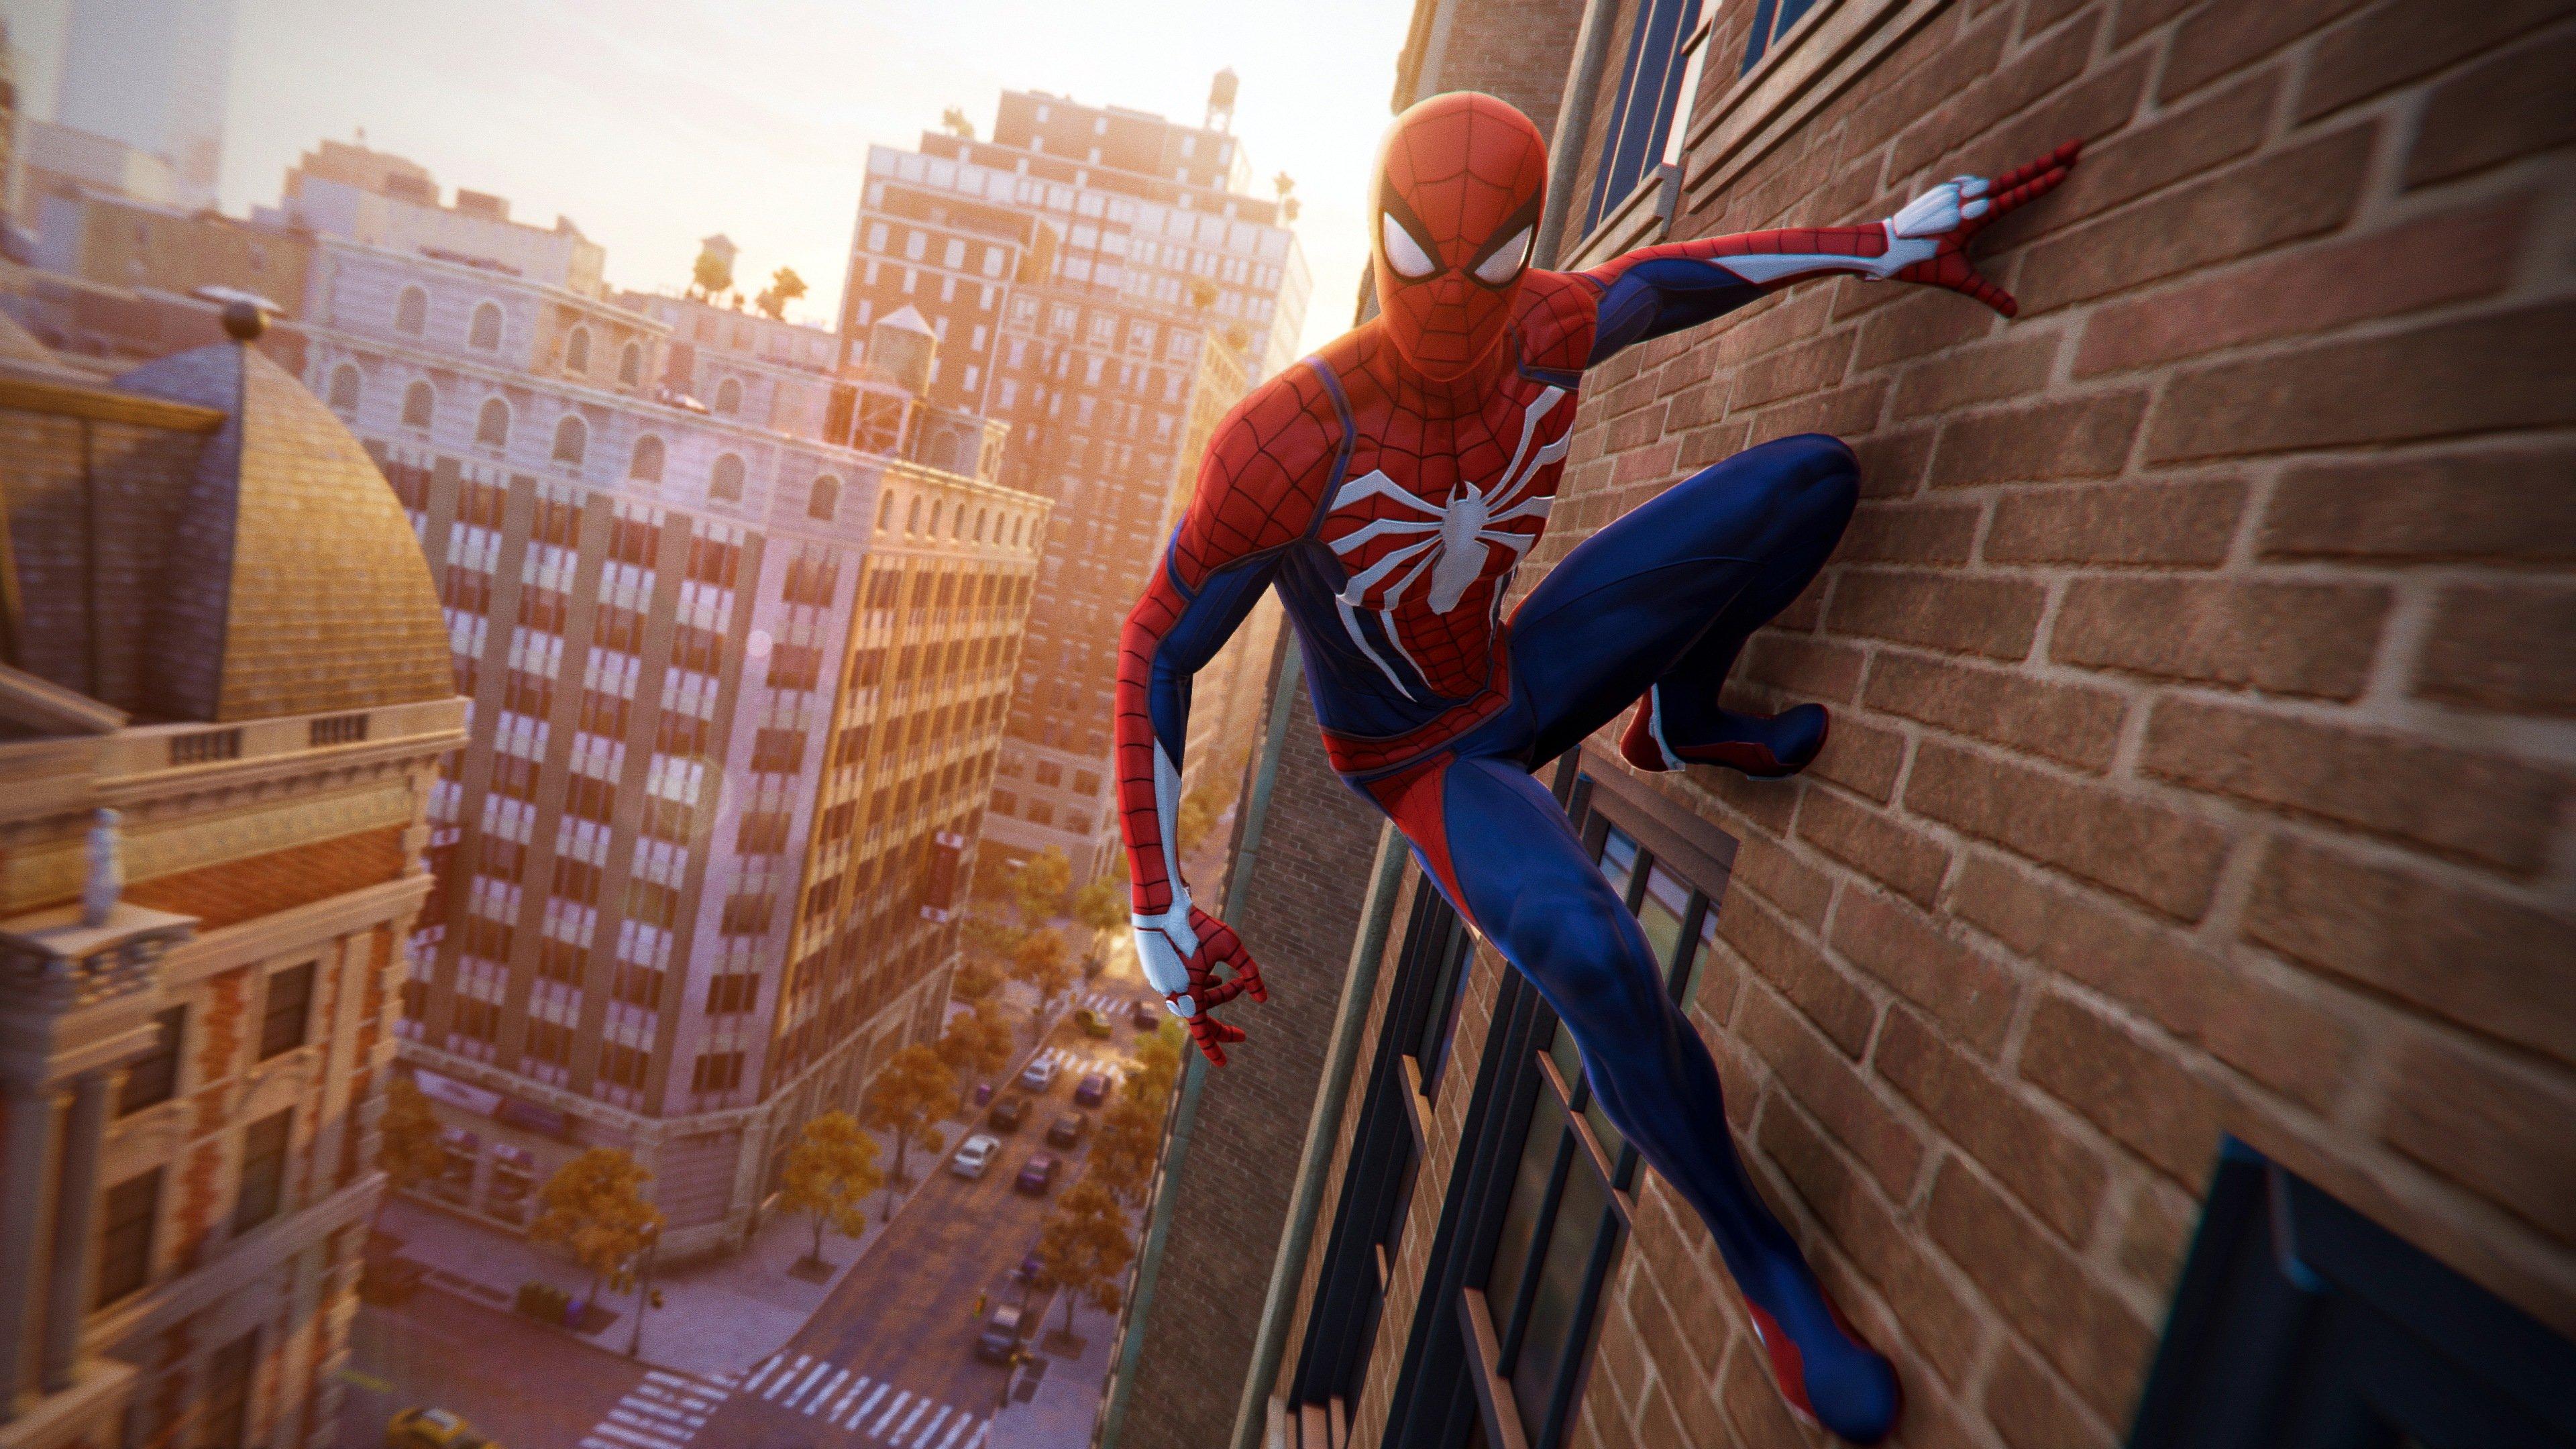 Fondos de pantalla Hombre Araña - Spider-Man de PS4 escalando un edificio